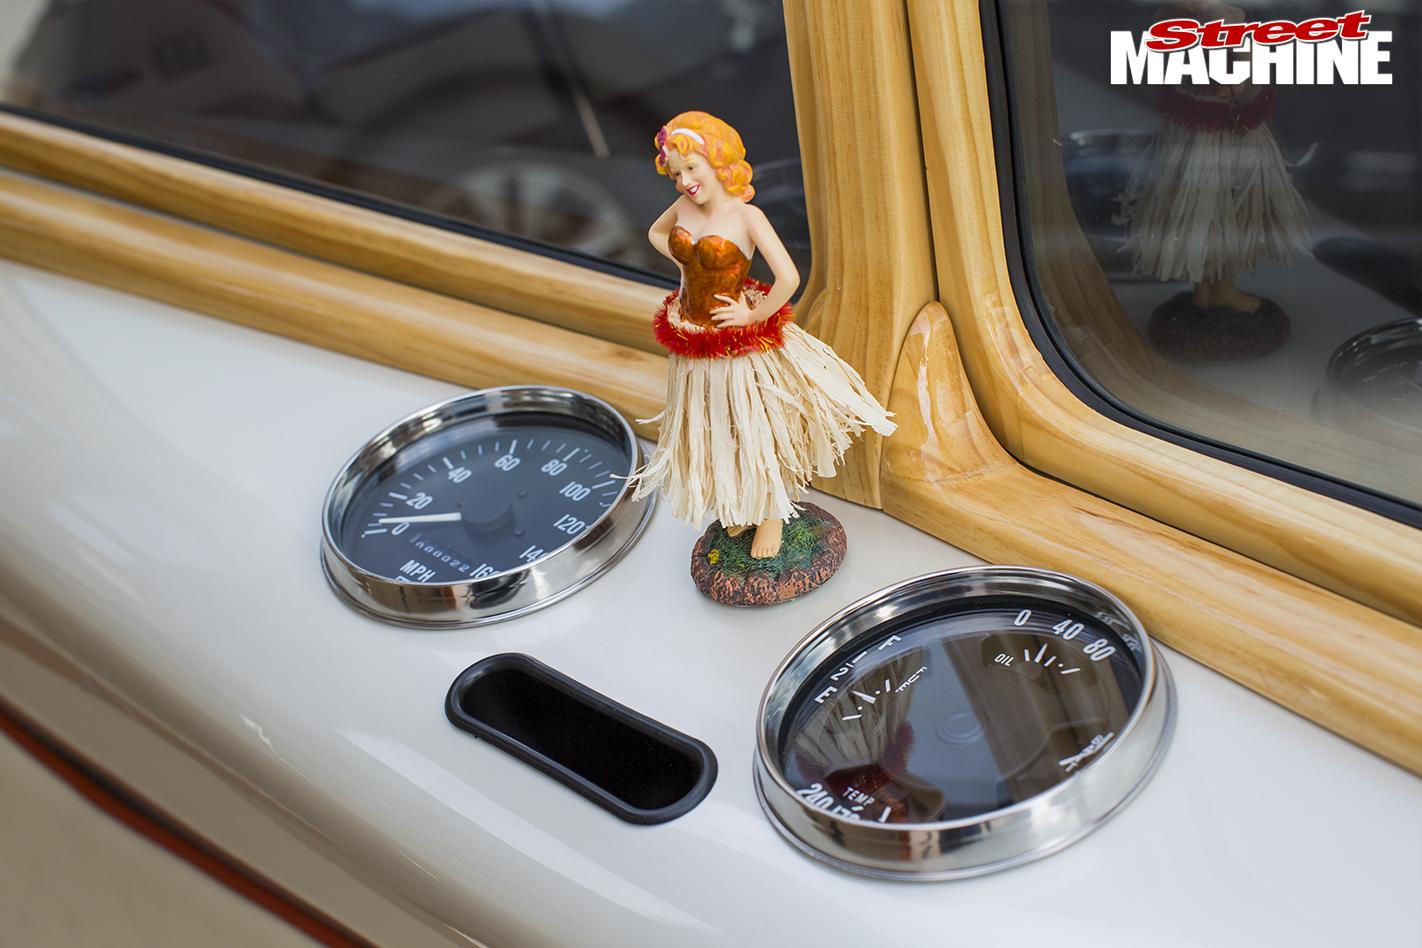 VW-Kombi -dancing -girl-